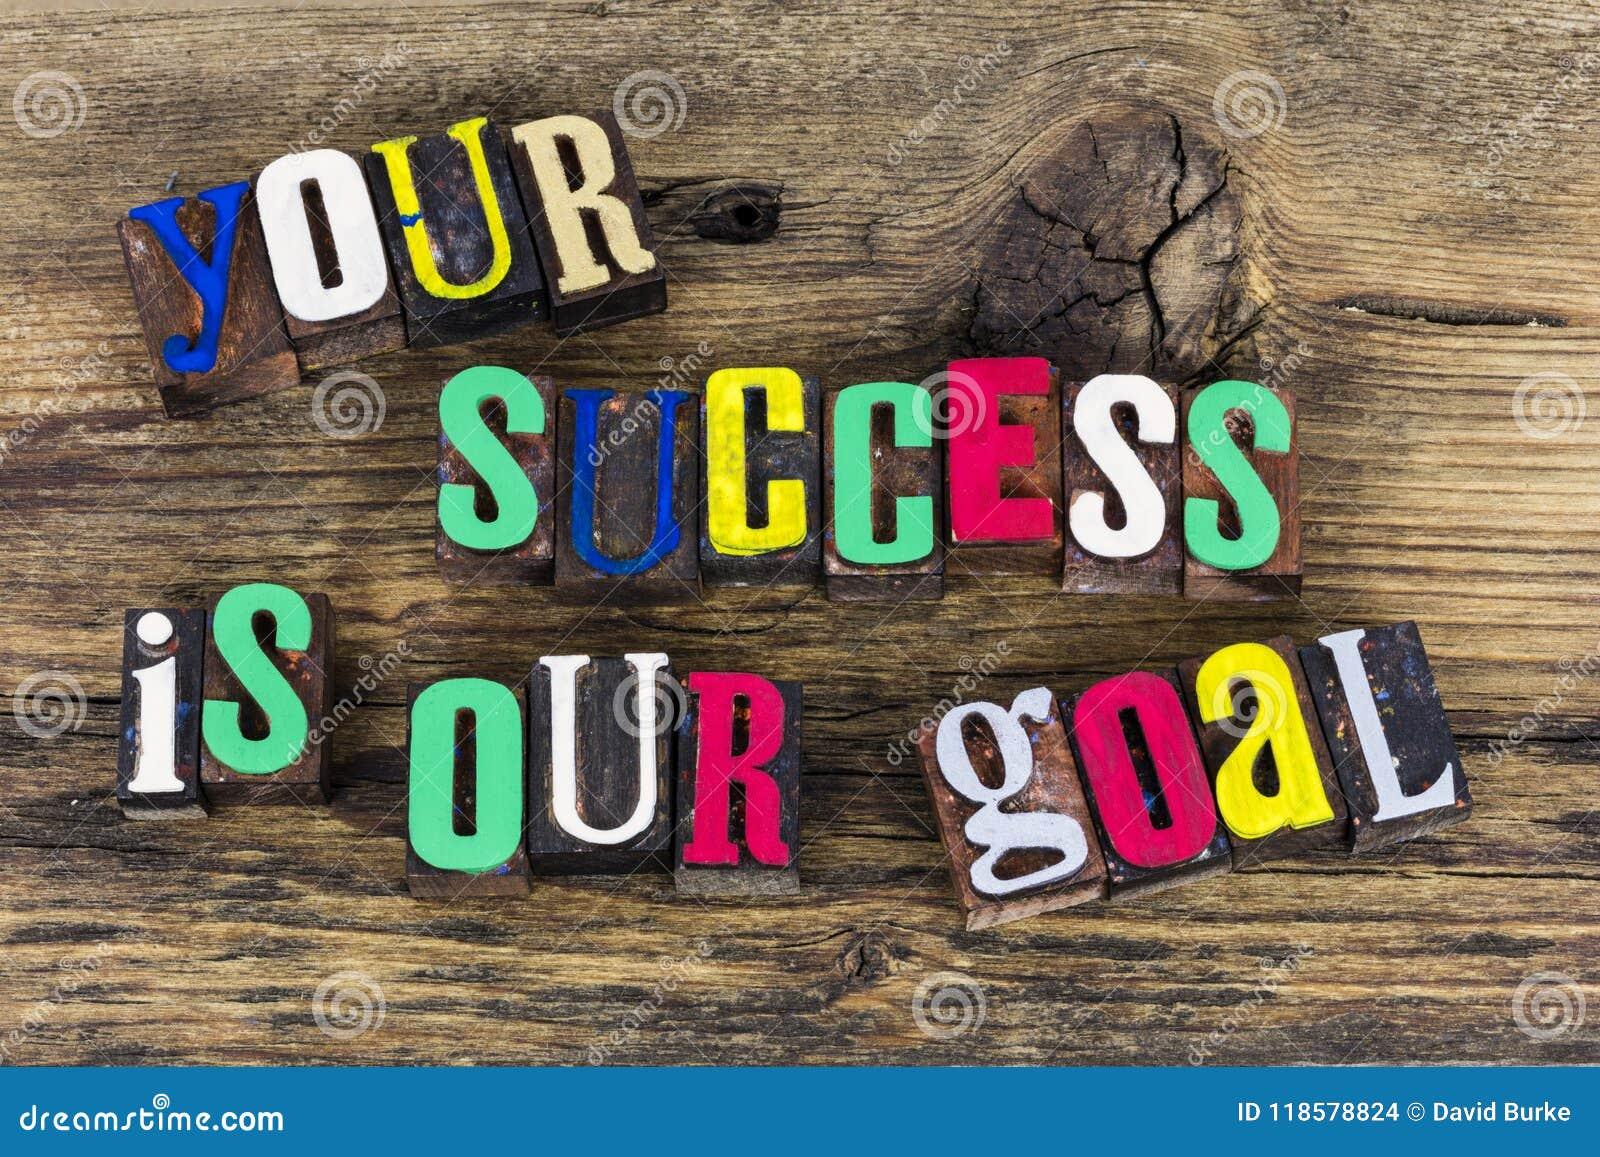 Ihr Erfolg ist unser Zielzitat